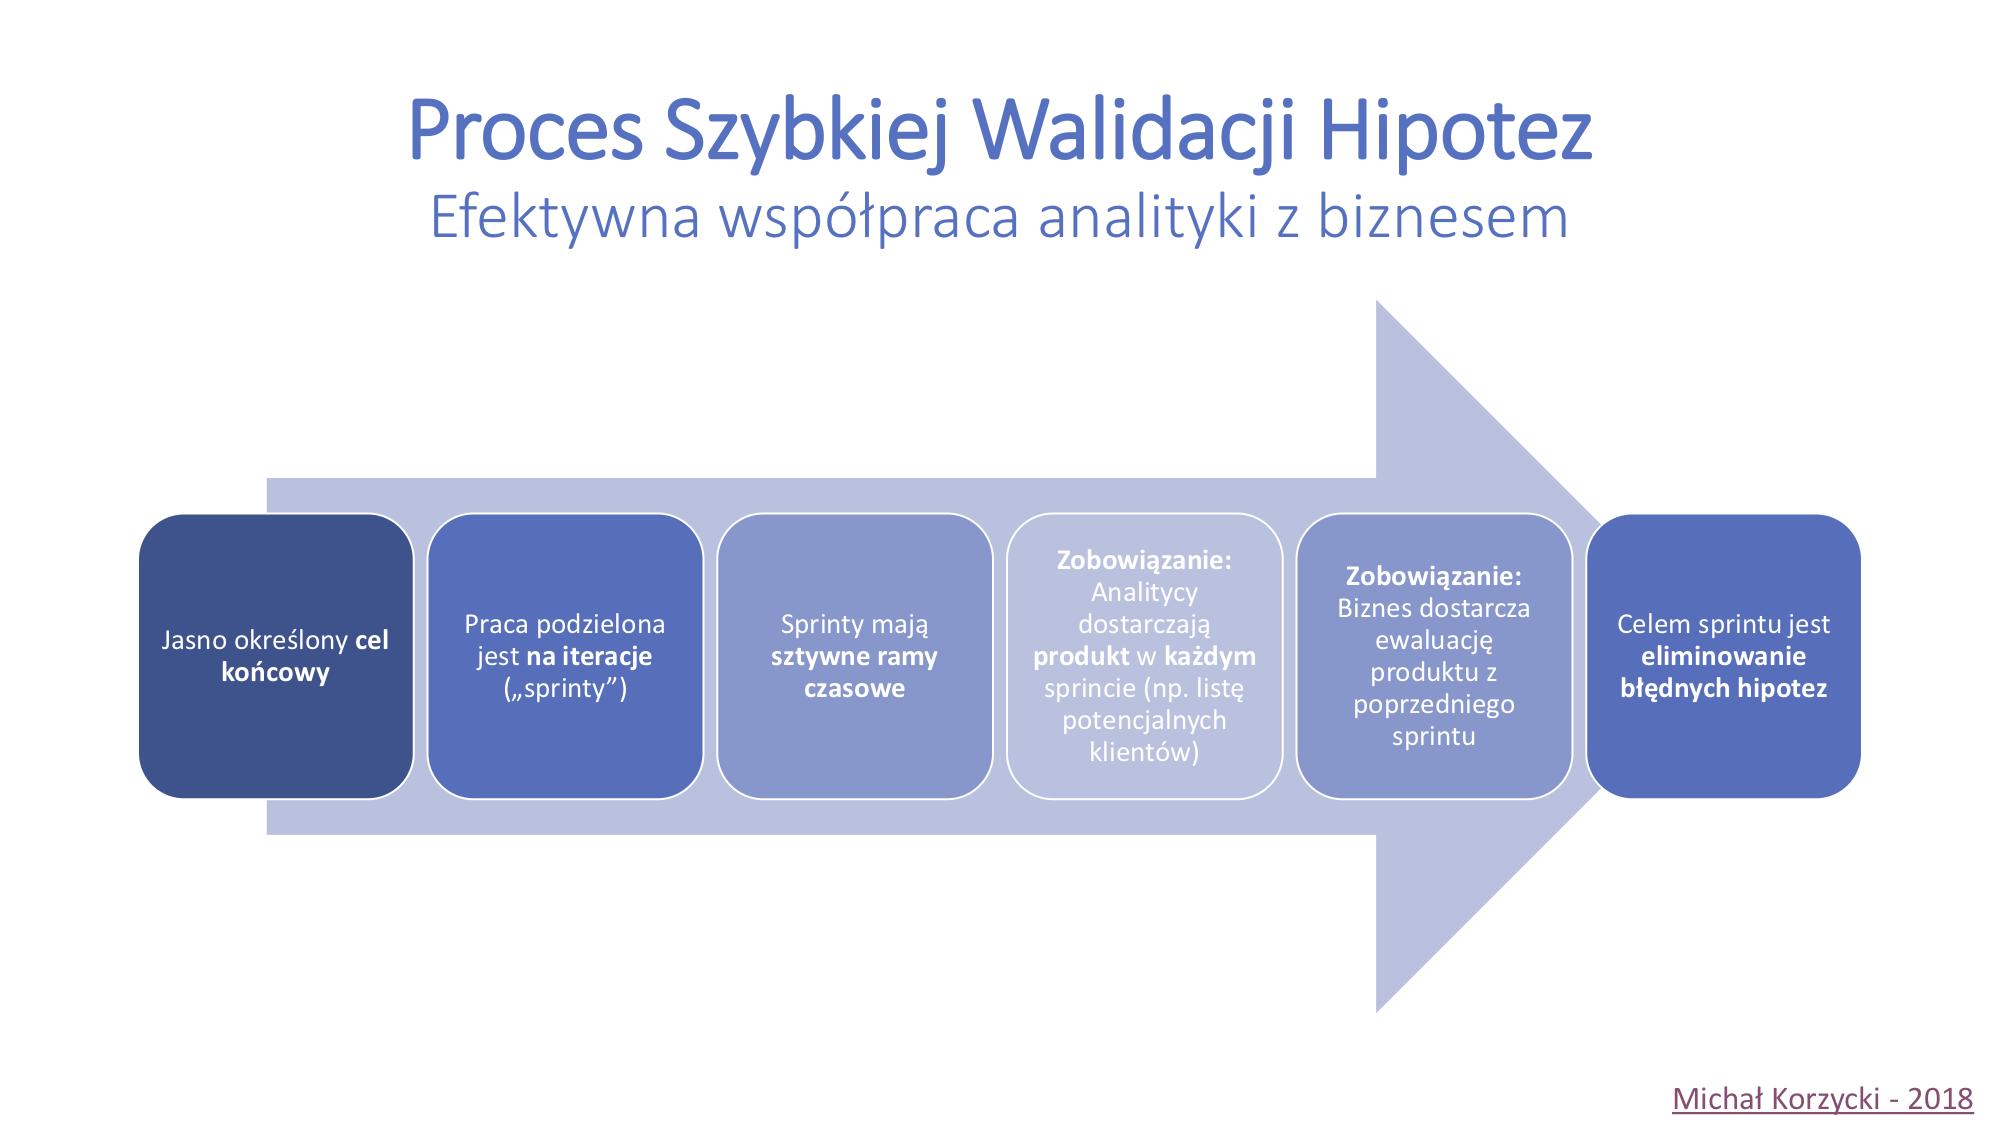 Proces Szybkiej Walidacji Hipotez